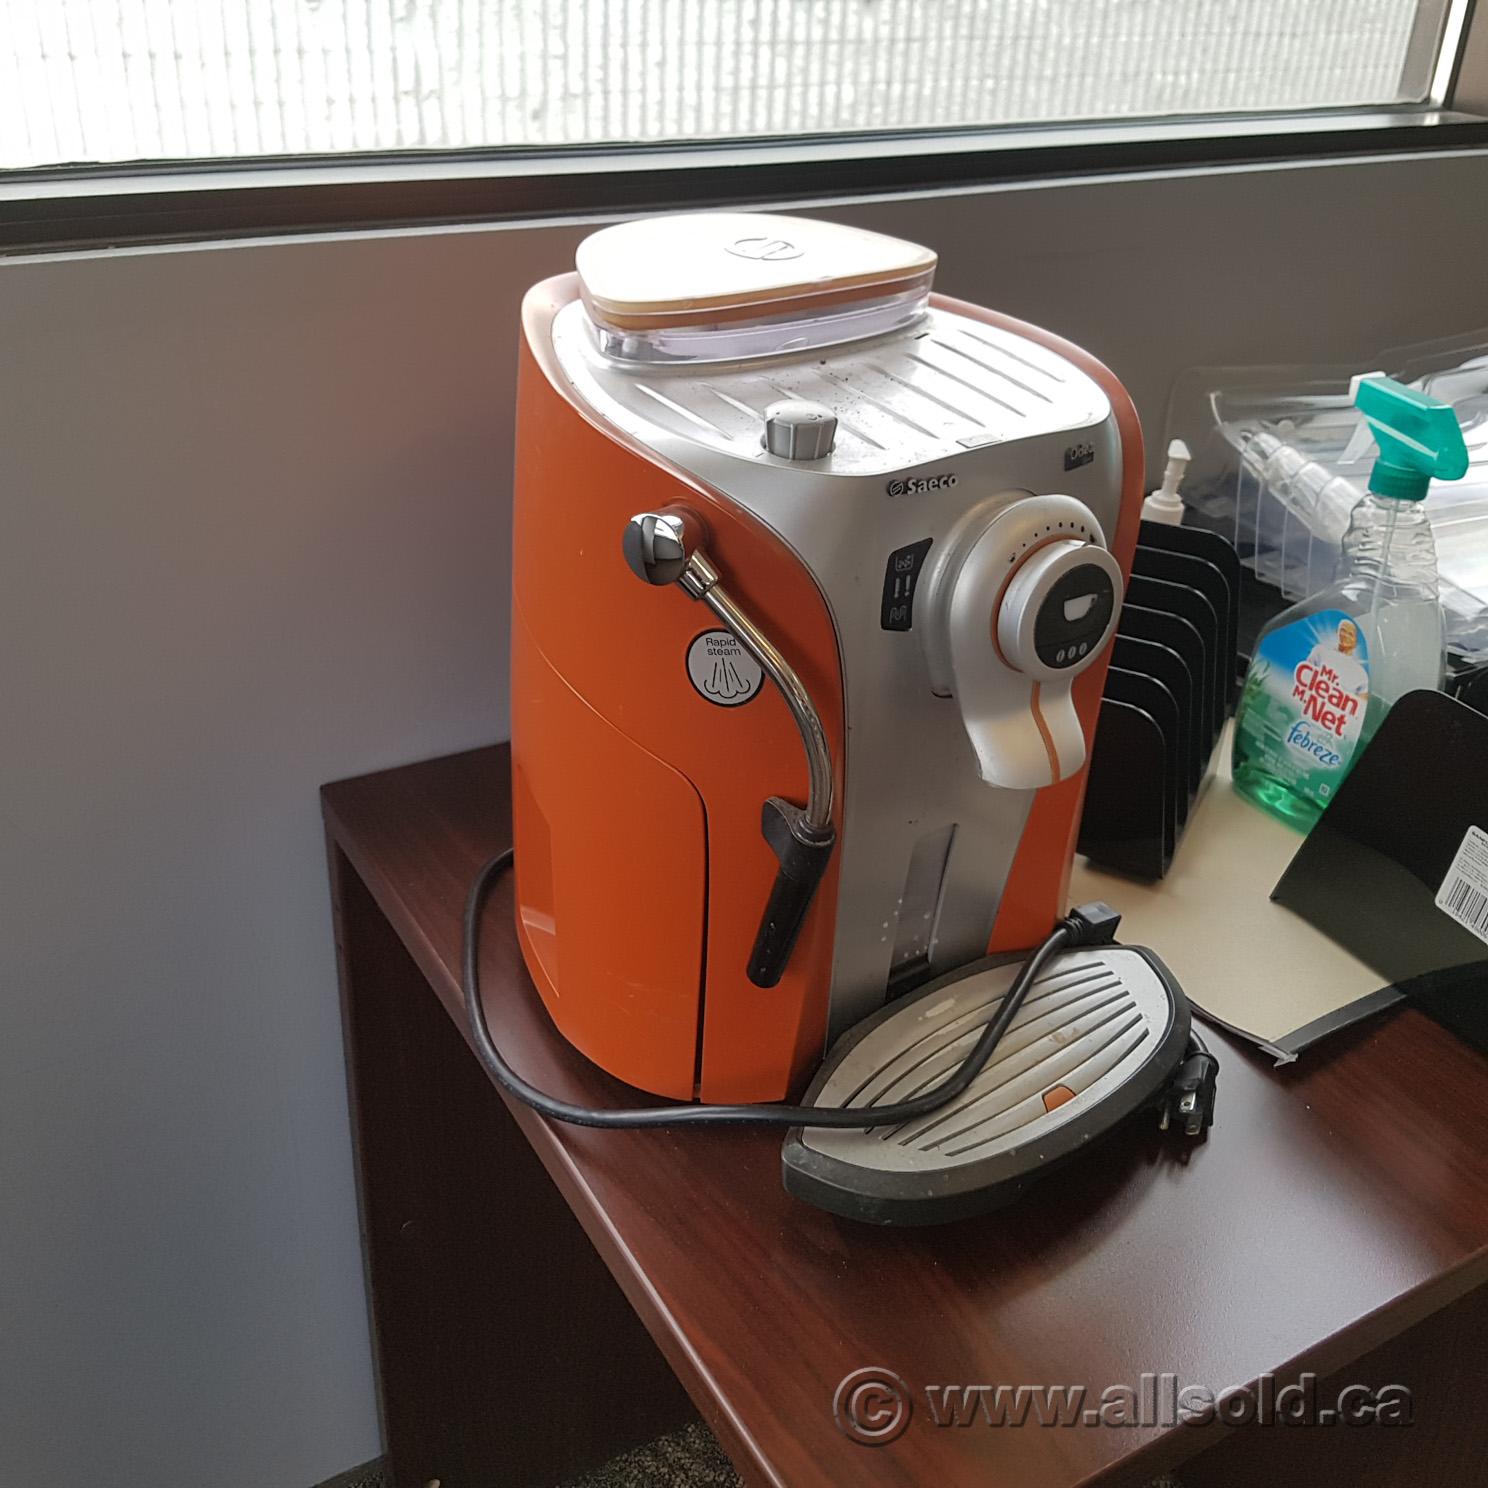 Saeco Odea Giro Plus Coffee Maker Automatic Espresso